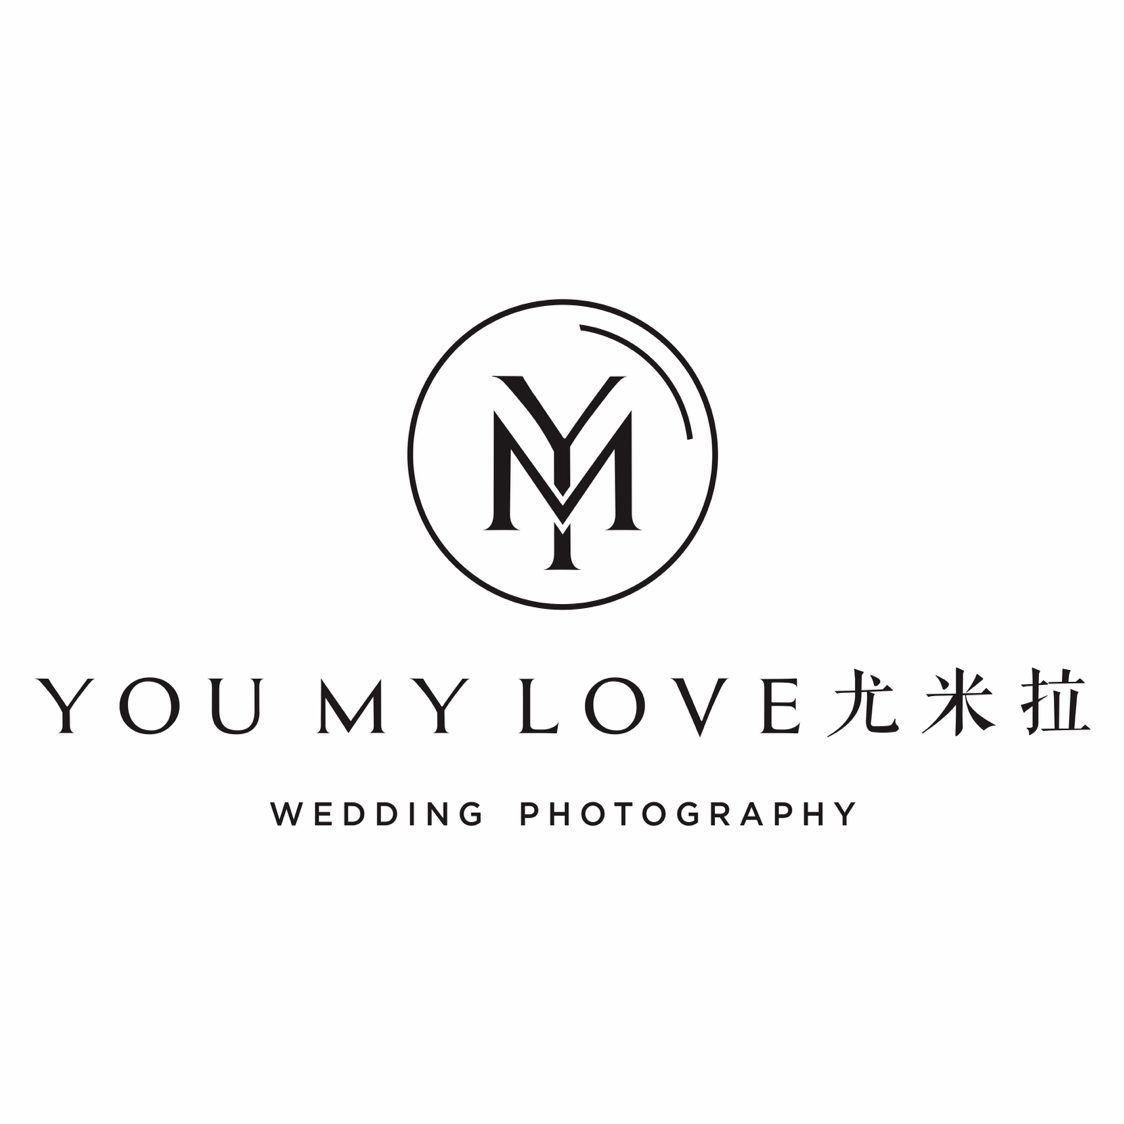 尤米拉婚纱摄影